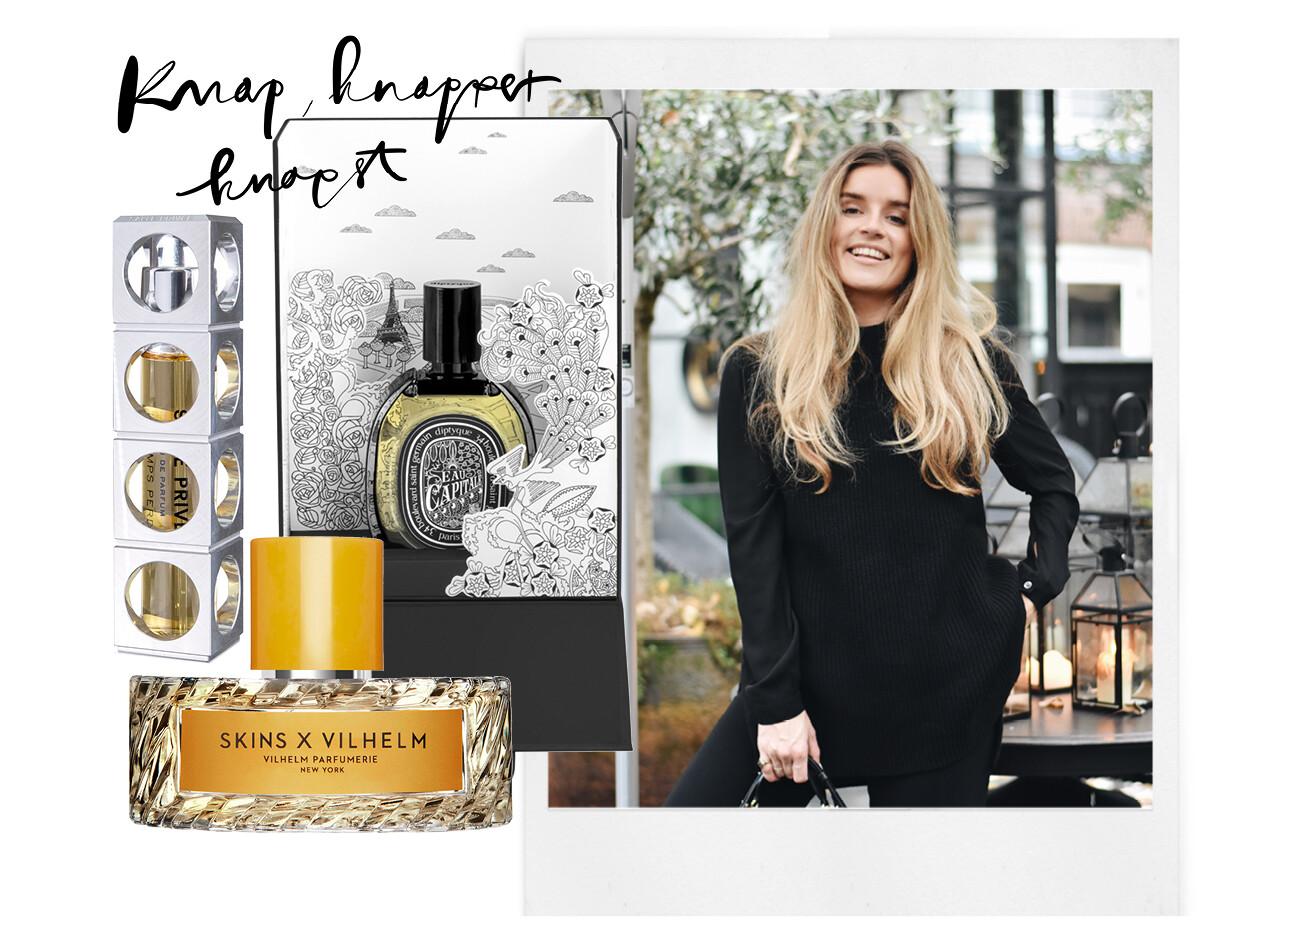 lotte van scherpenzeel met parfum Skins Diptique Salee Privee